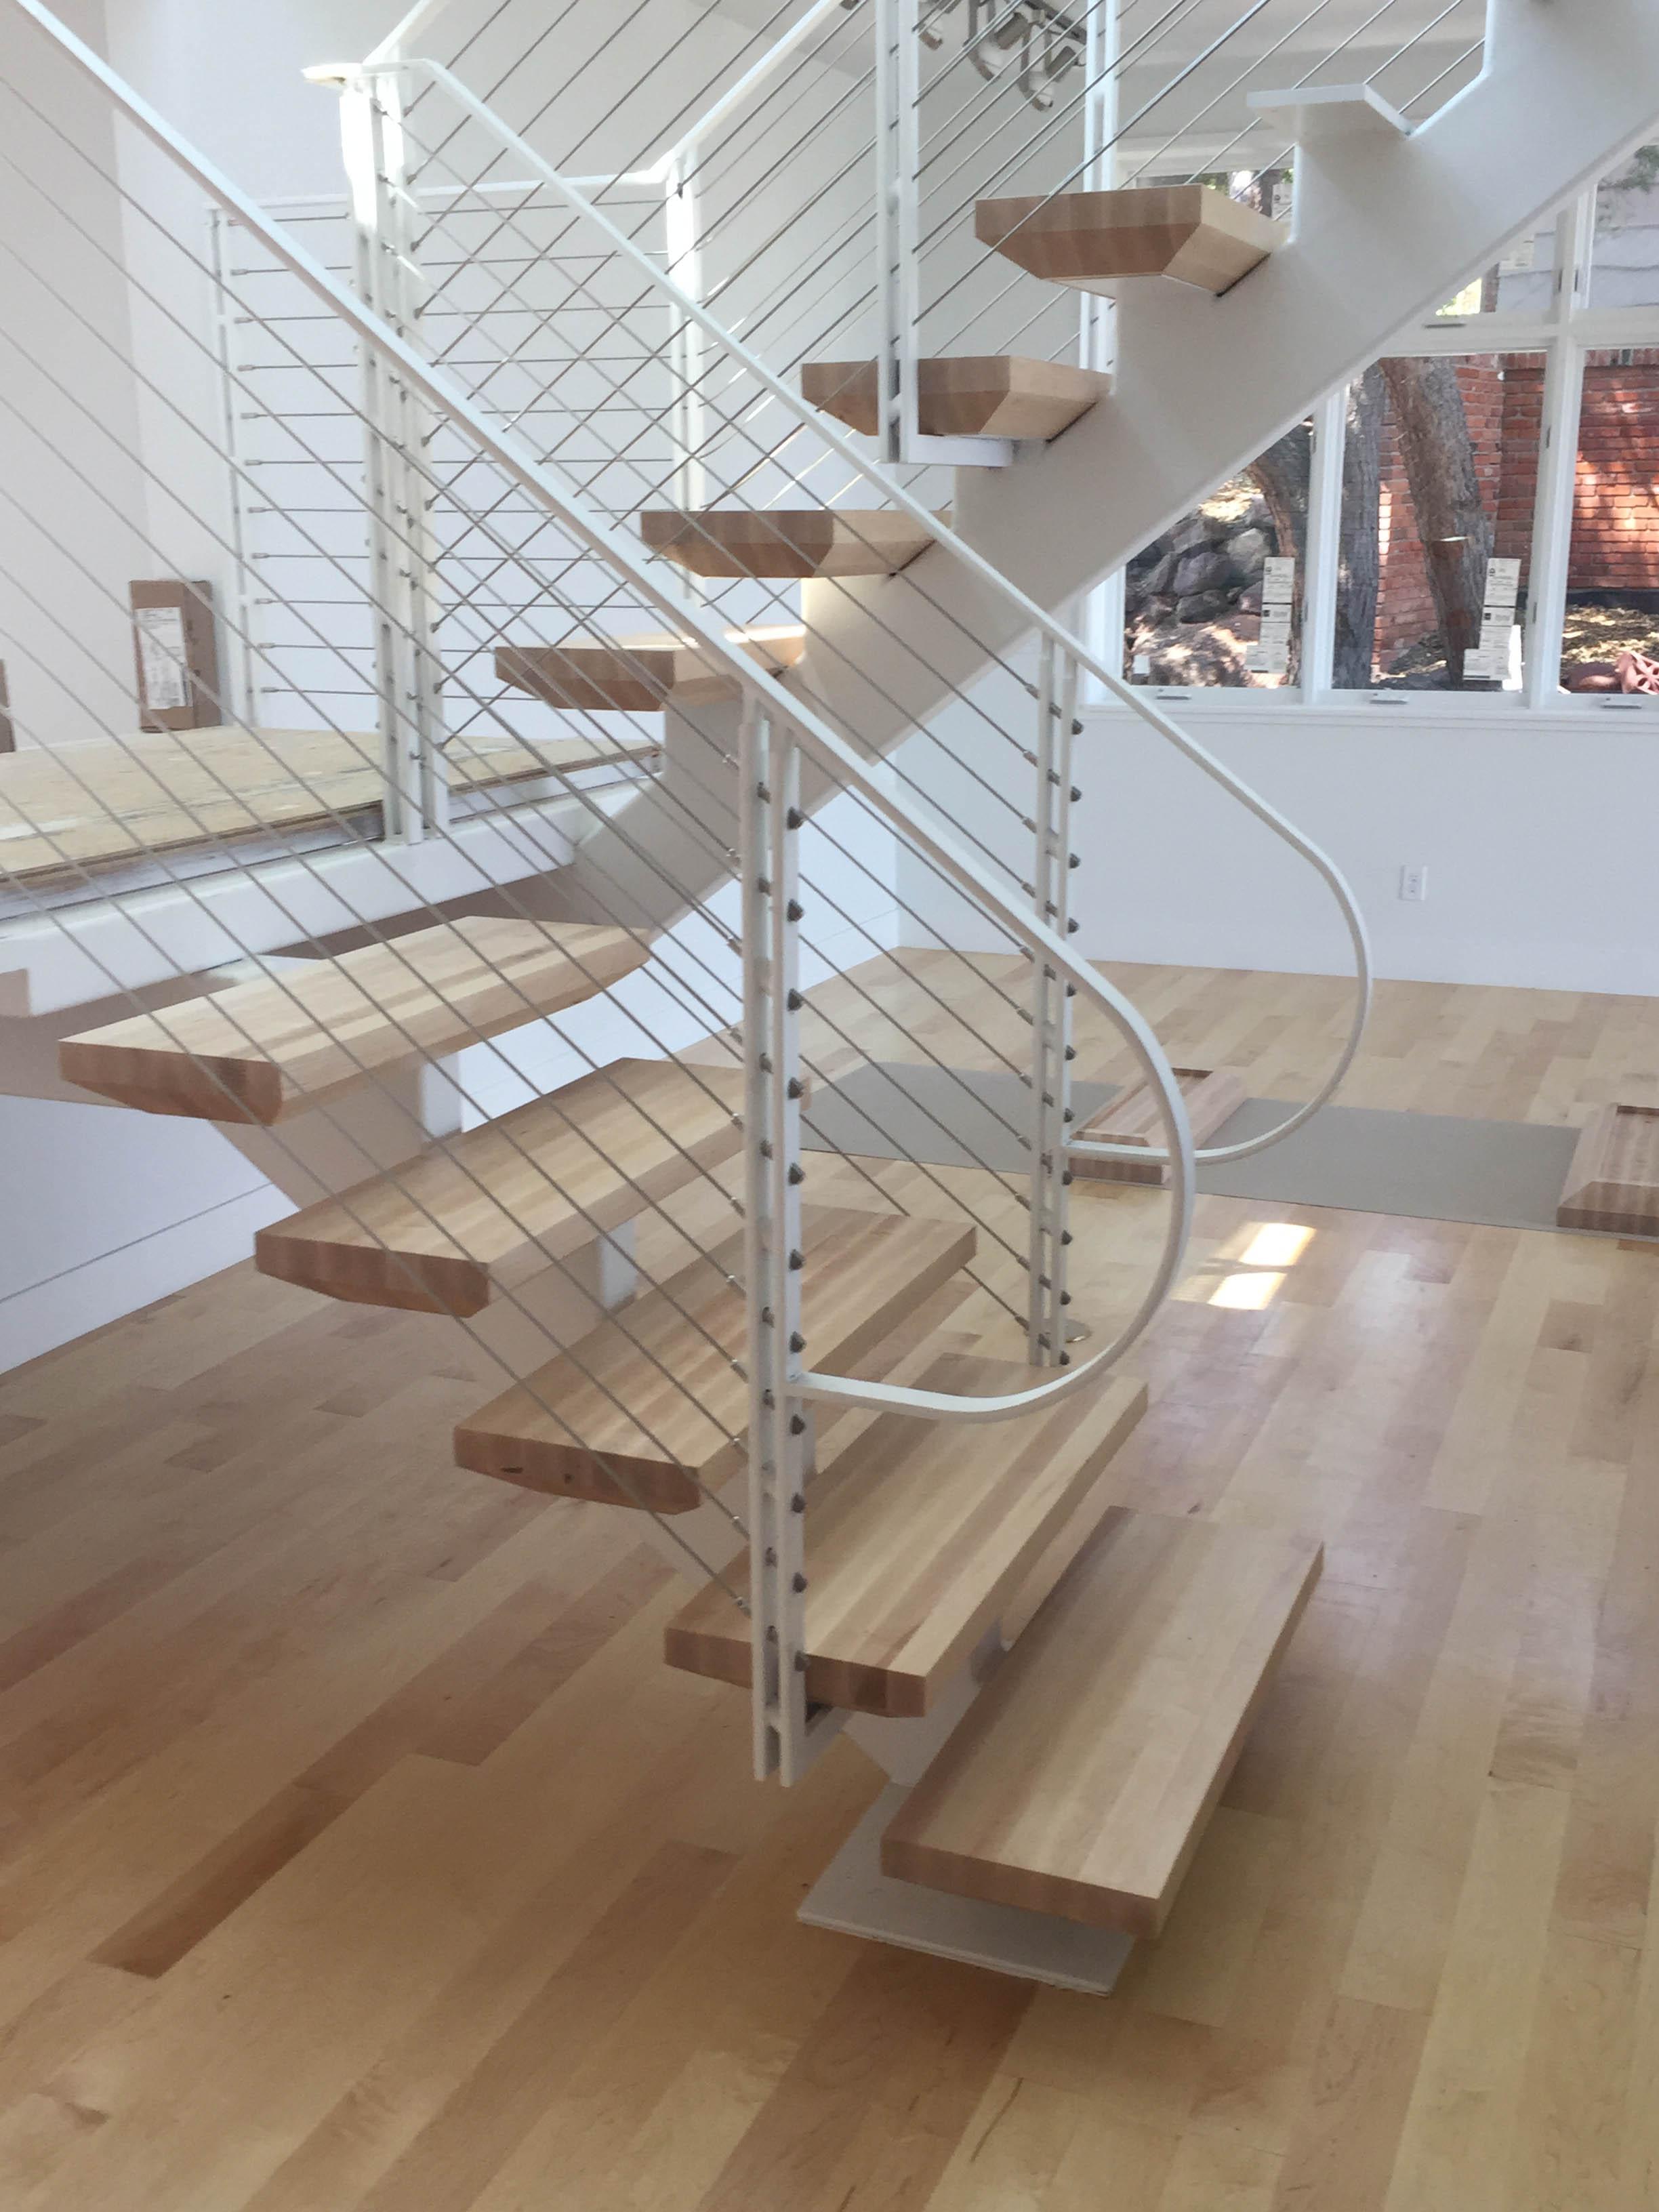 singlesteel stringer stair with wood treads.jpg